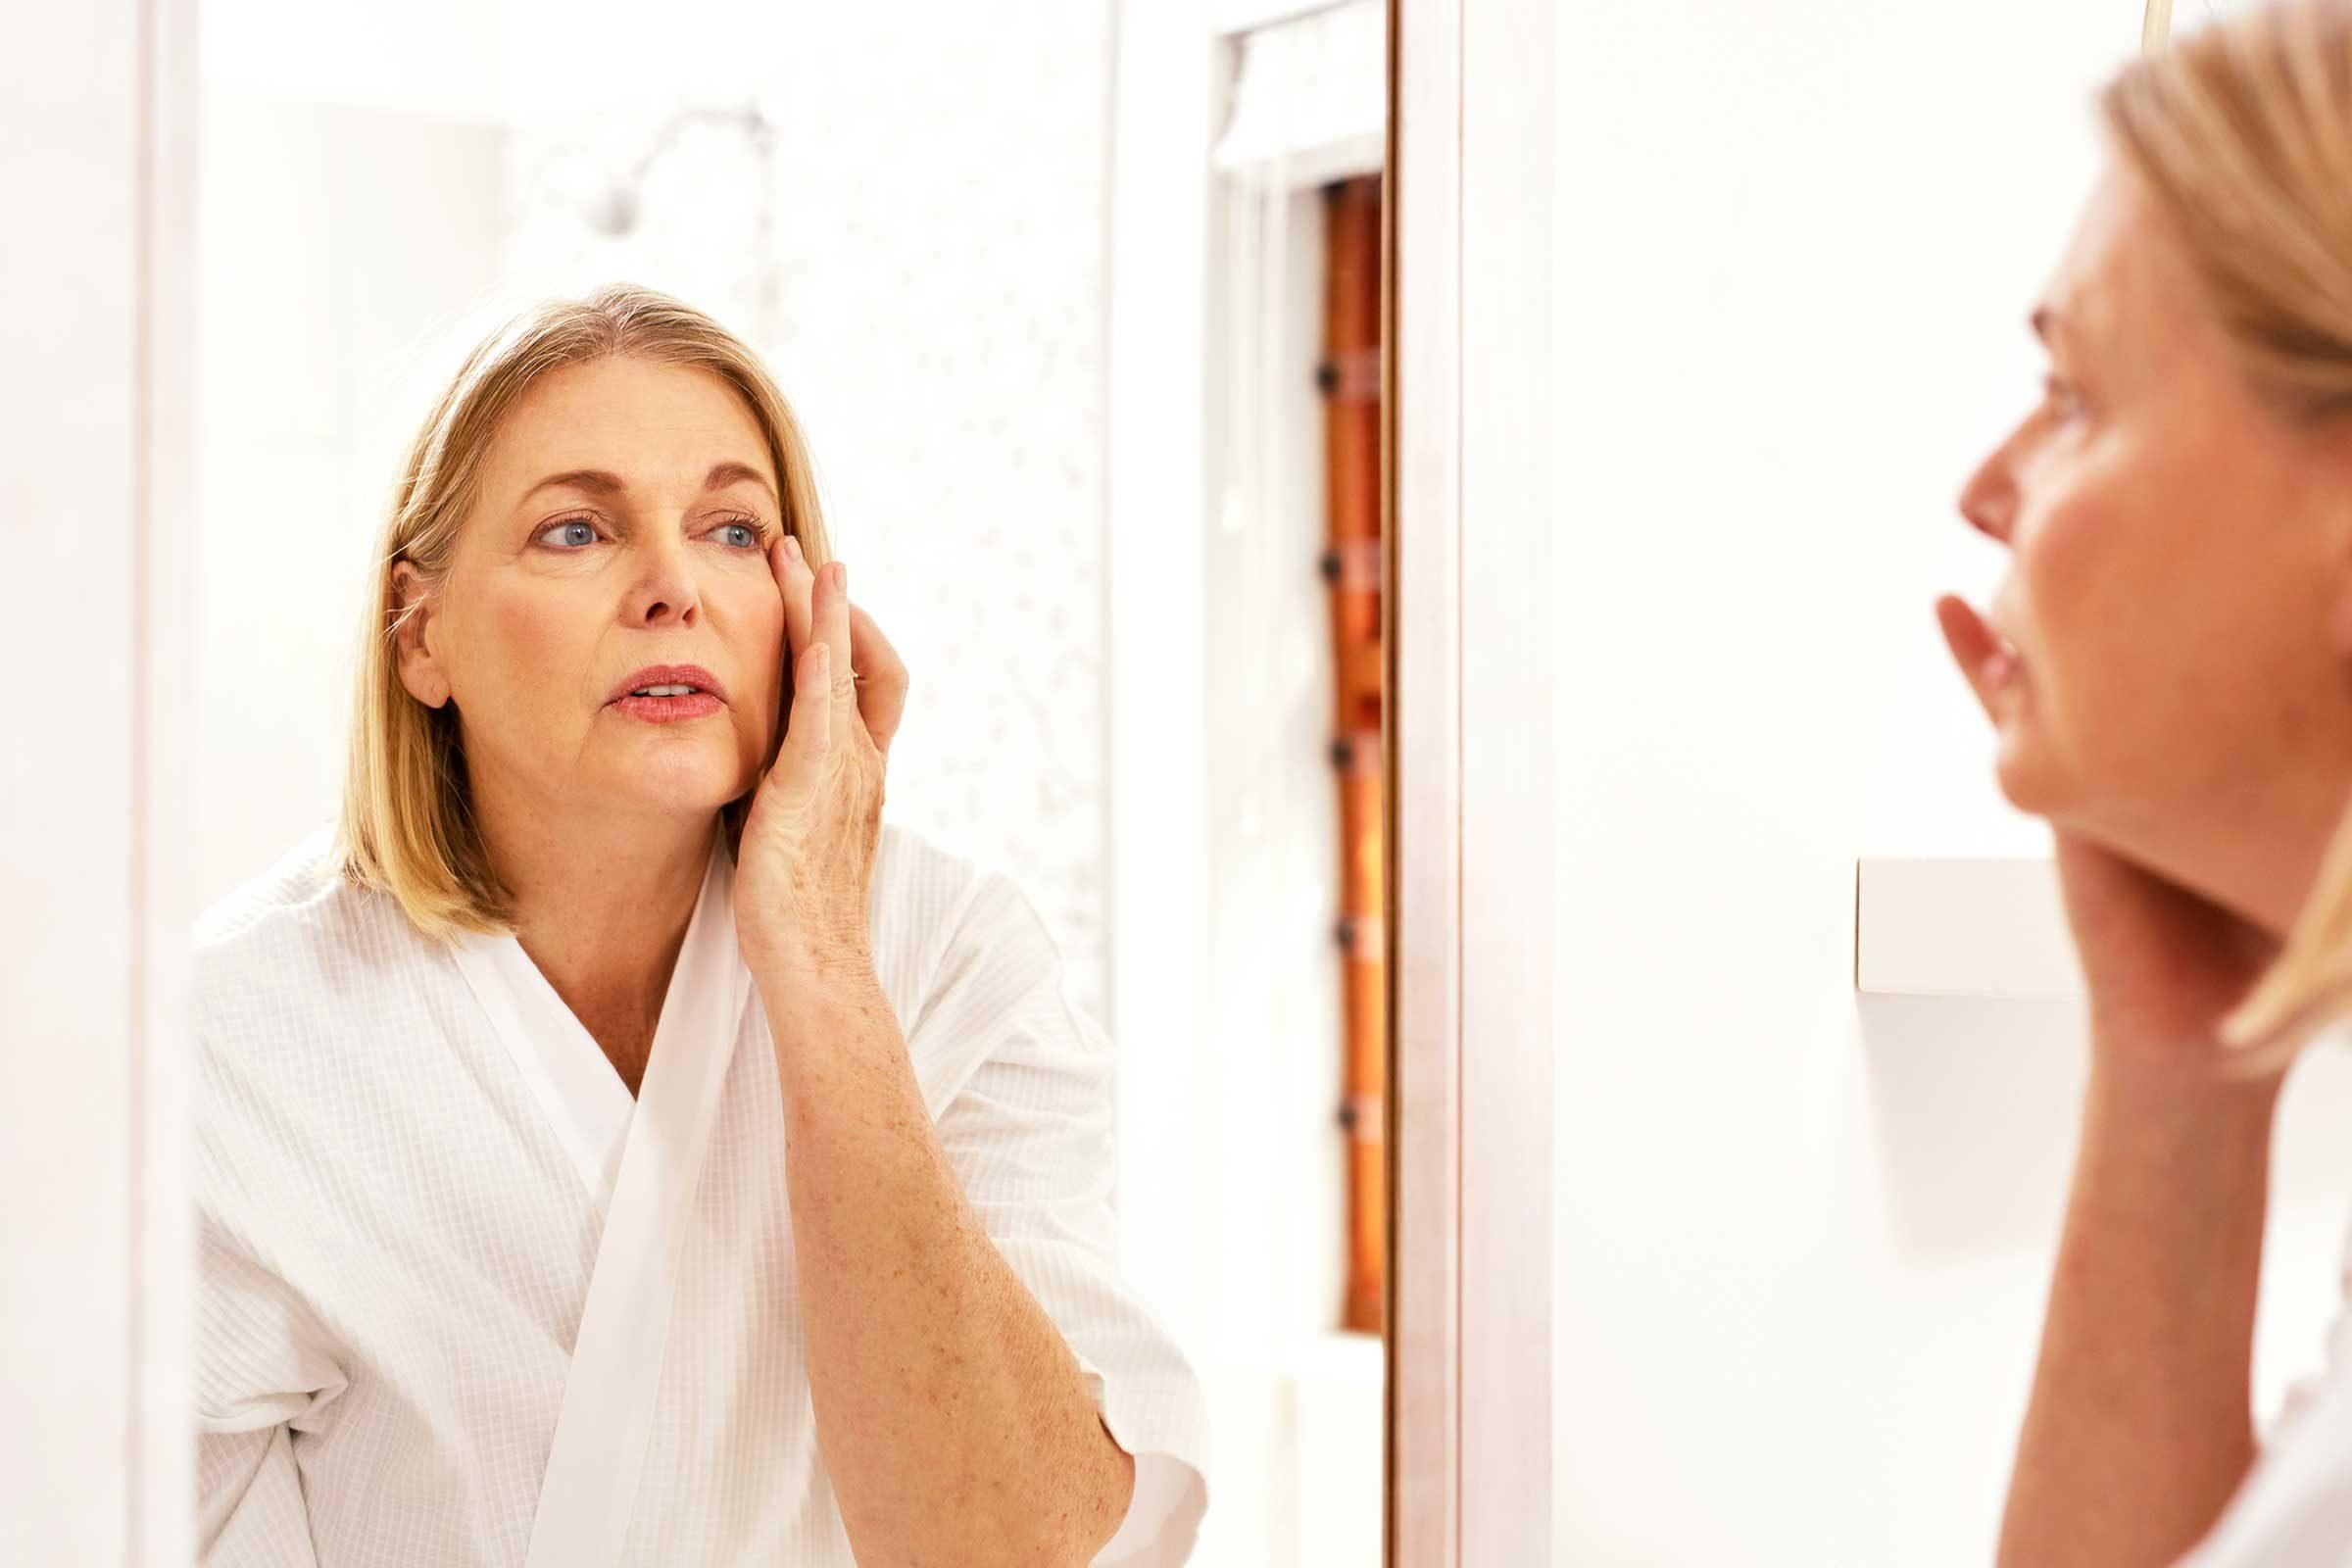 Les hormones peuvent cause de l'acné.